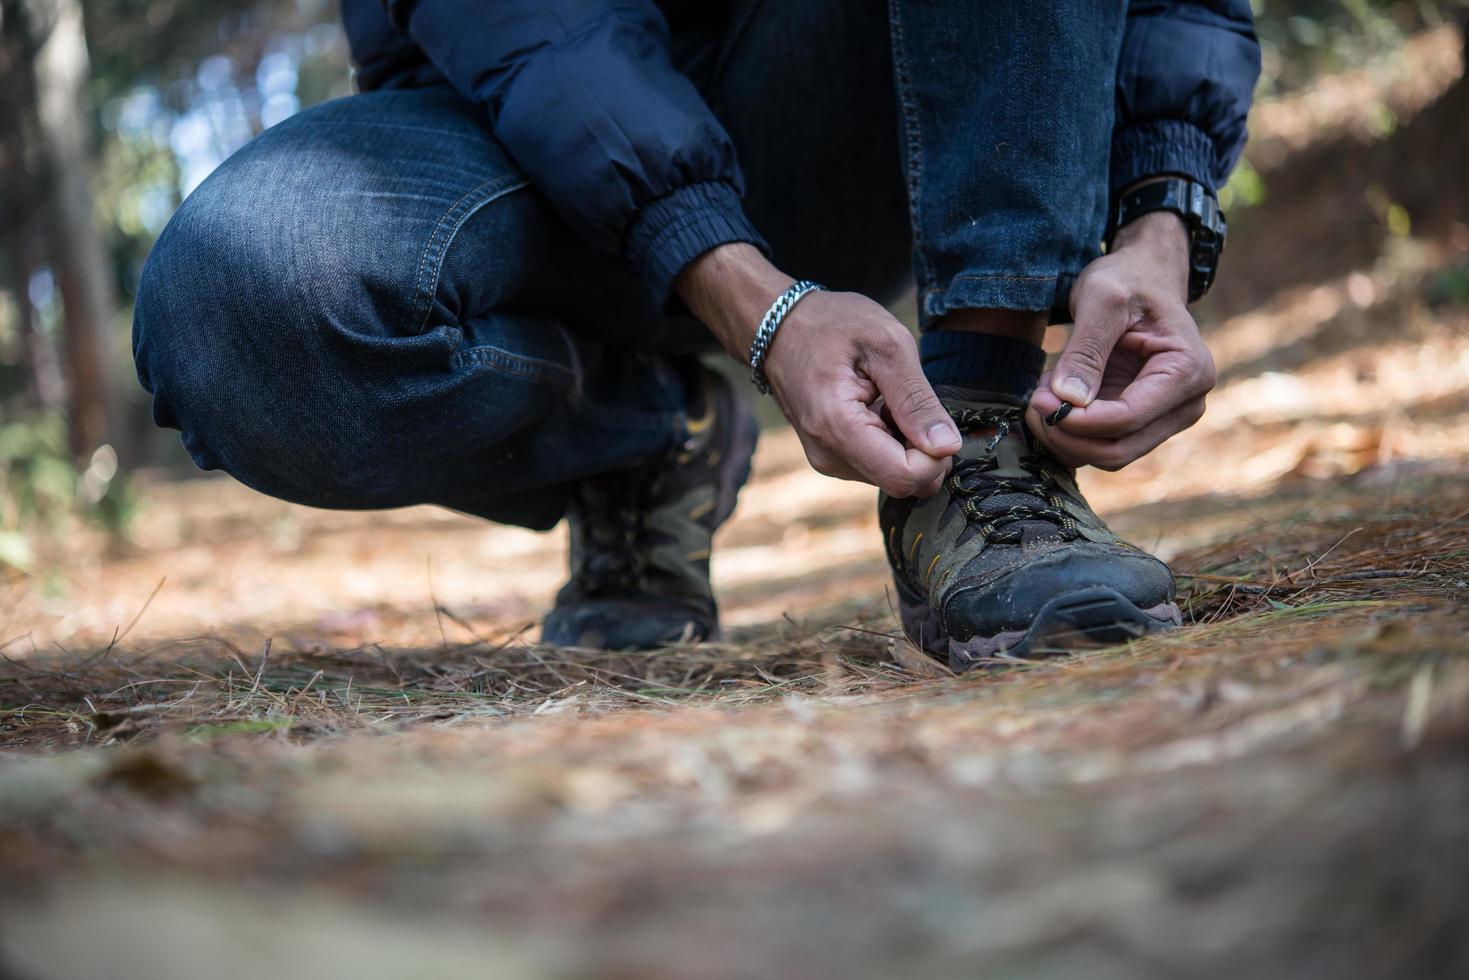 giovane escursionista allaccia i lacci delle scarpe mentre è in viaggio con lo zaino in spalla nella foresta foto